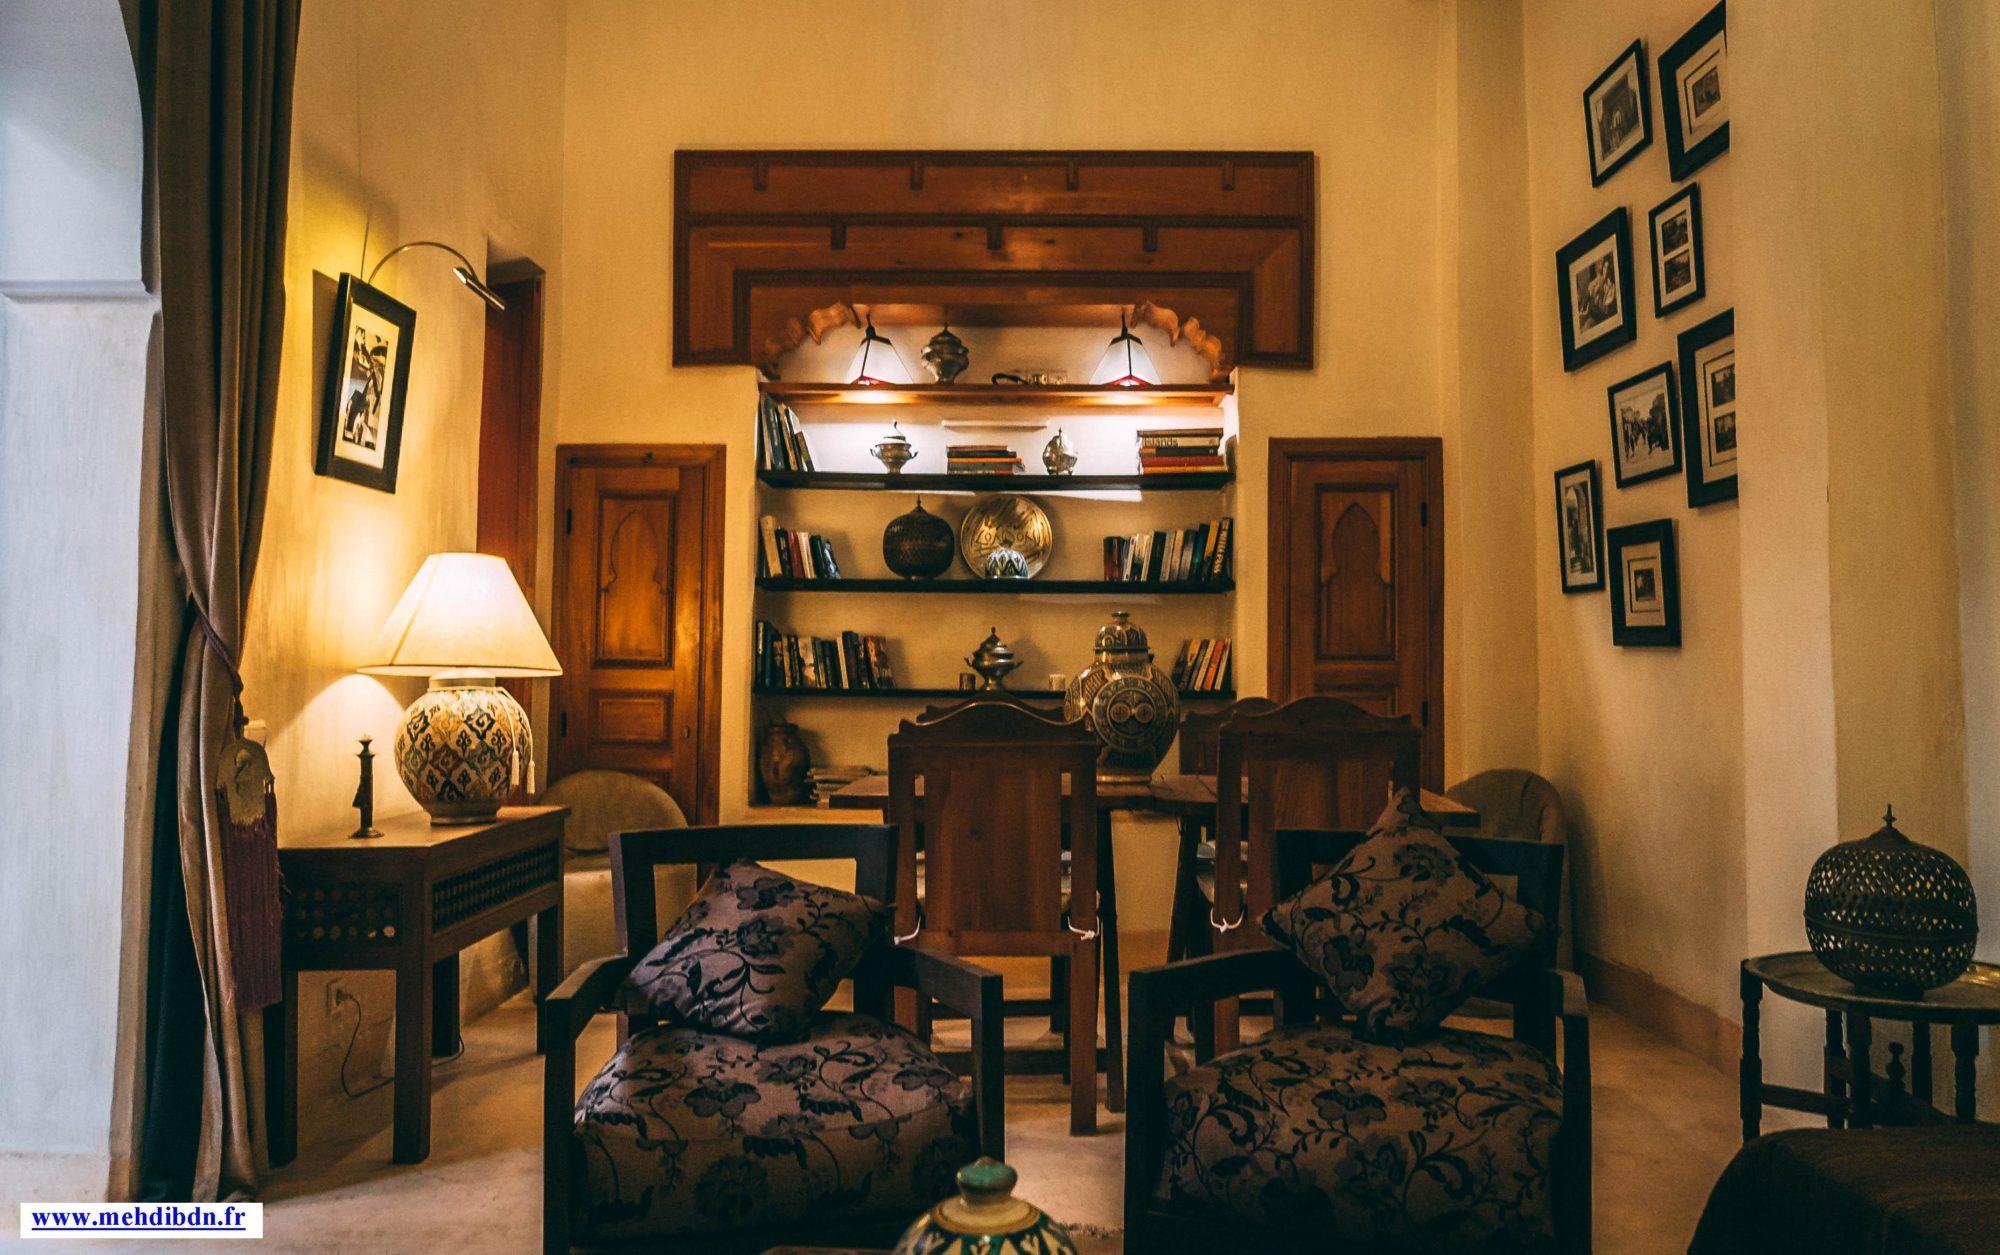 Cosy Restaurant in Marrakech Riad Al Ksar for Romantic Dinner